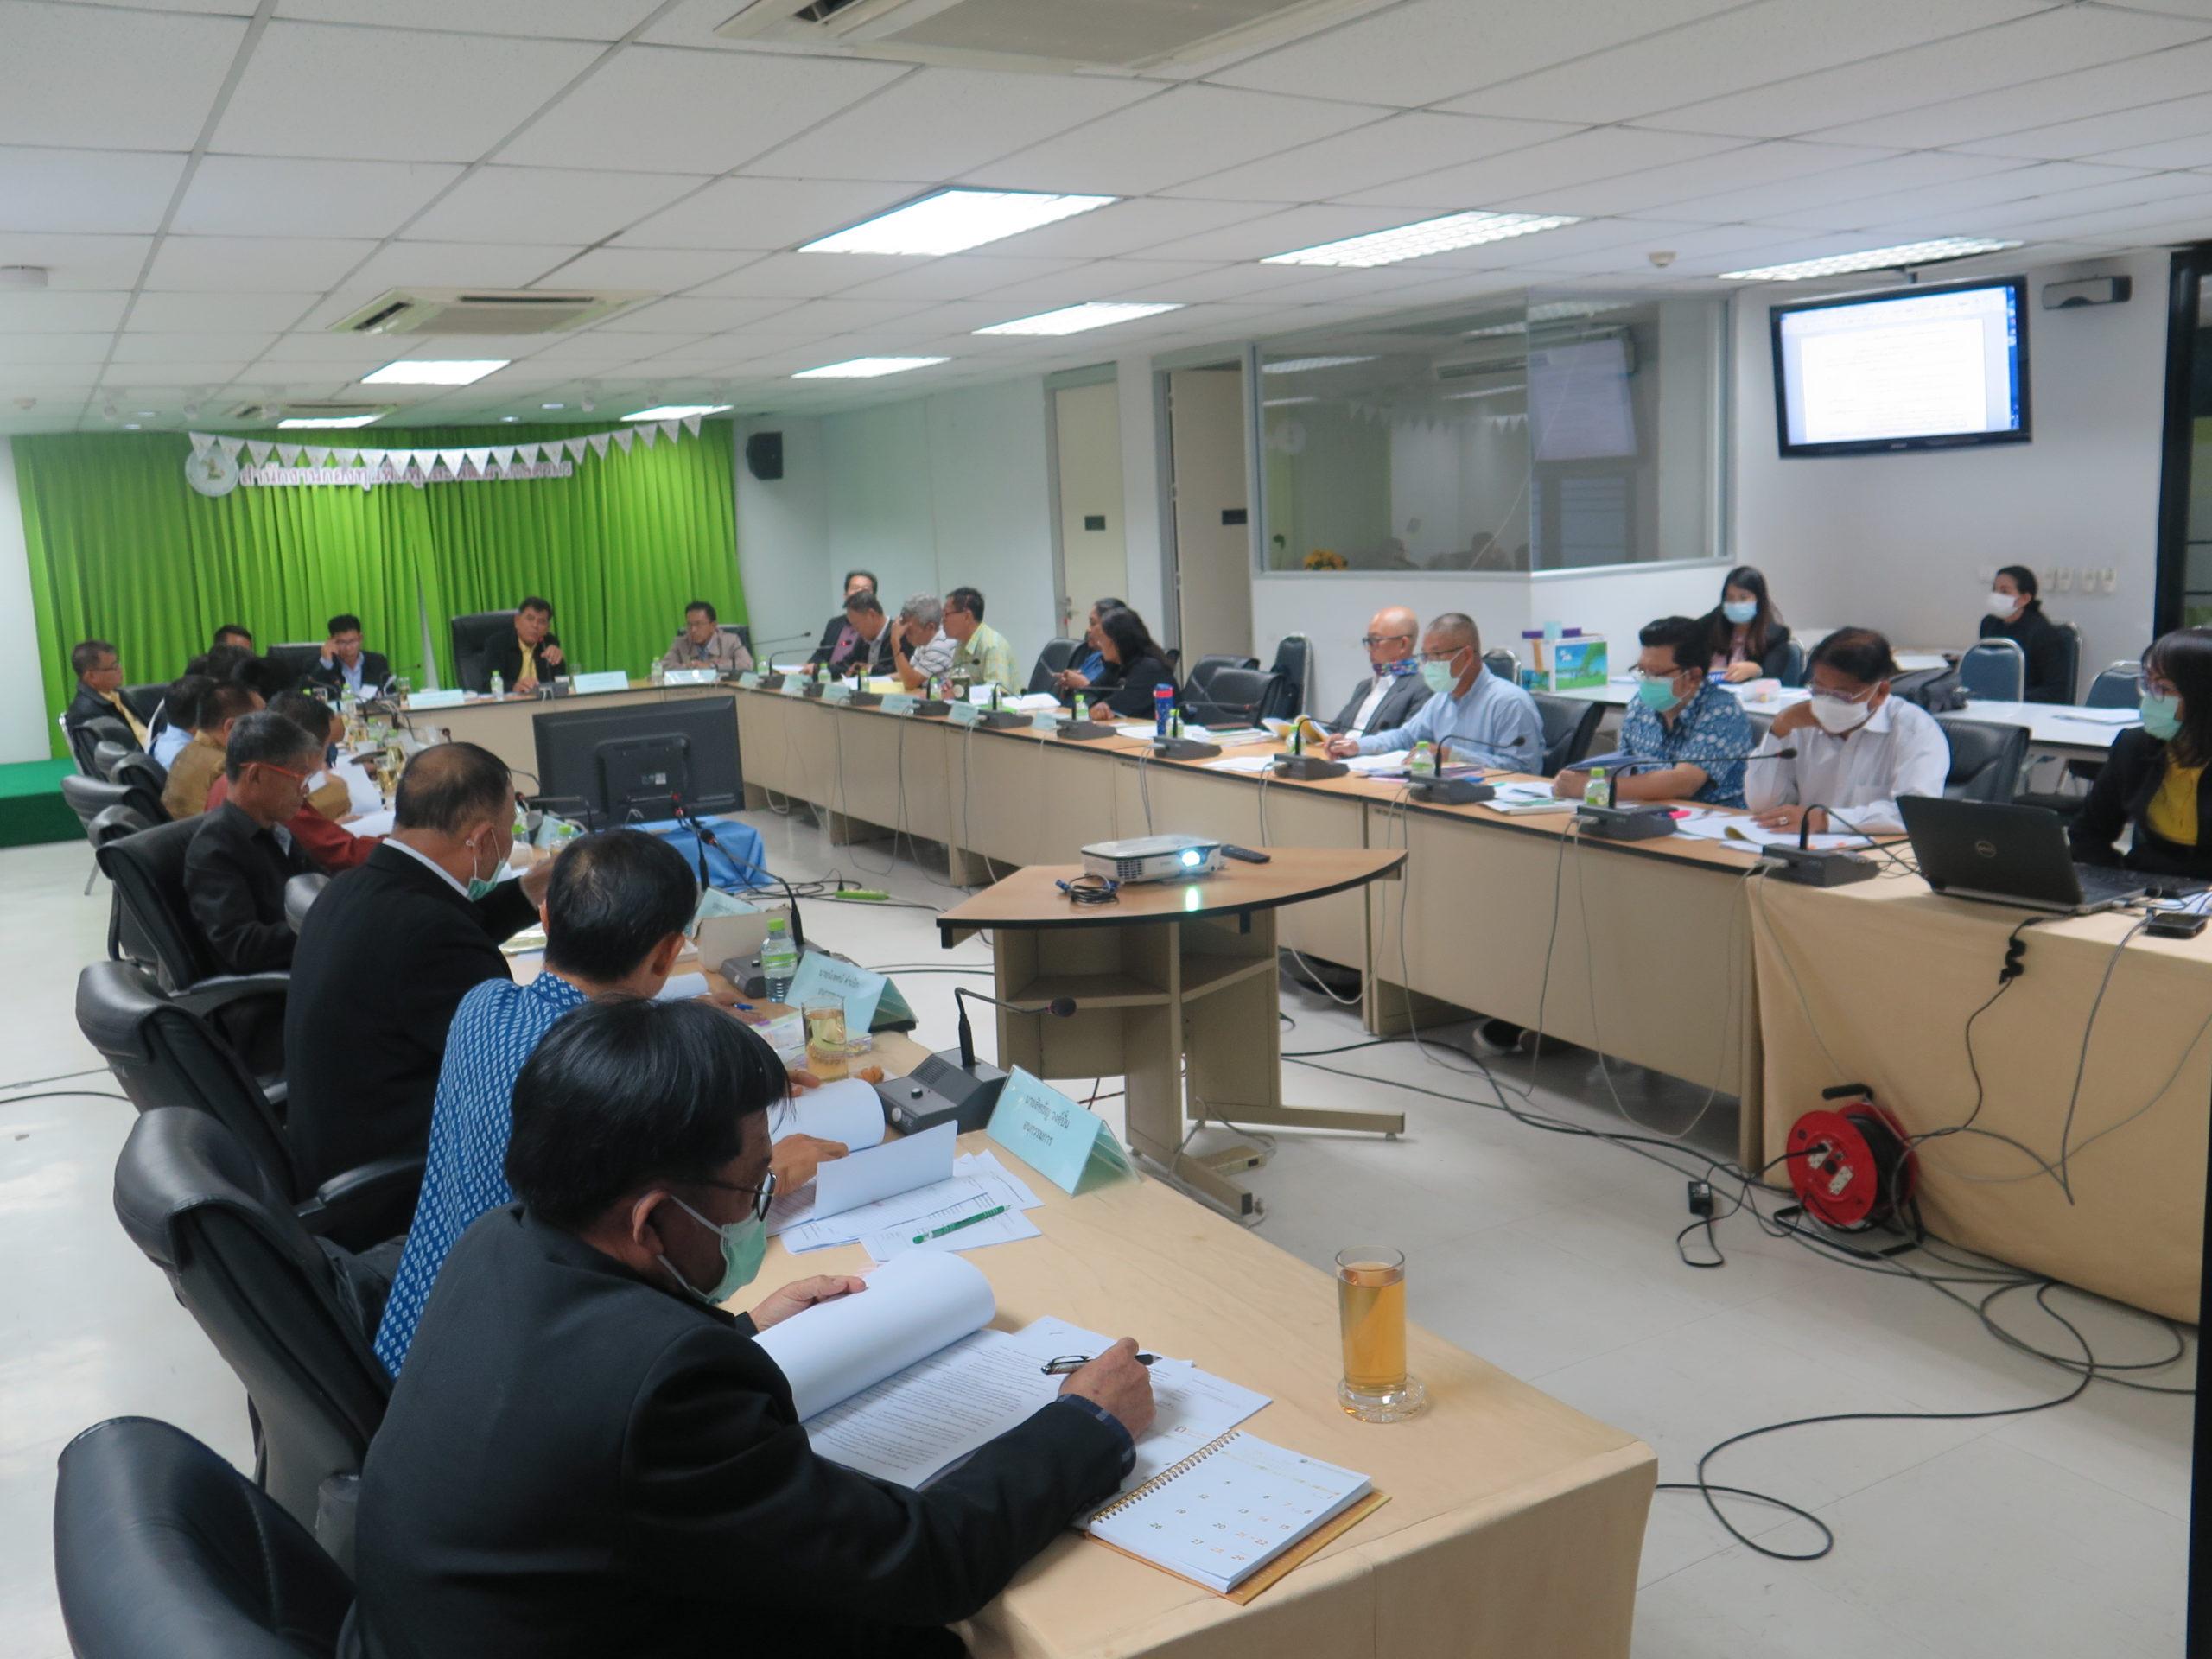 ประชุมคณะอนุกรรมการการมีส่วนร่วมเพื่อการผลักดันทางนโยบายฯ ครั้งที่ 2/2563